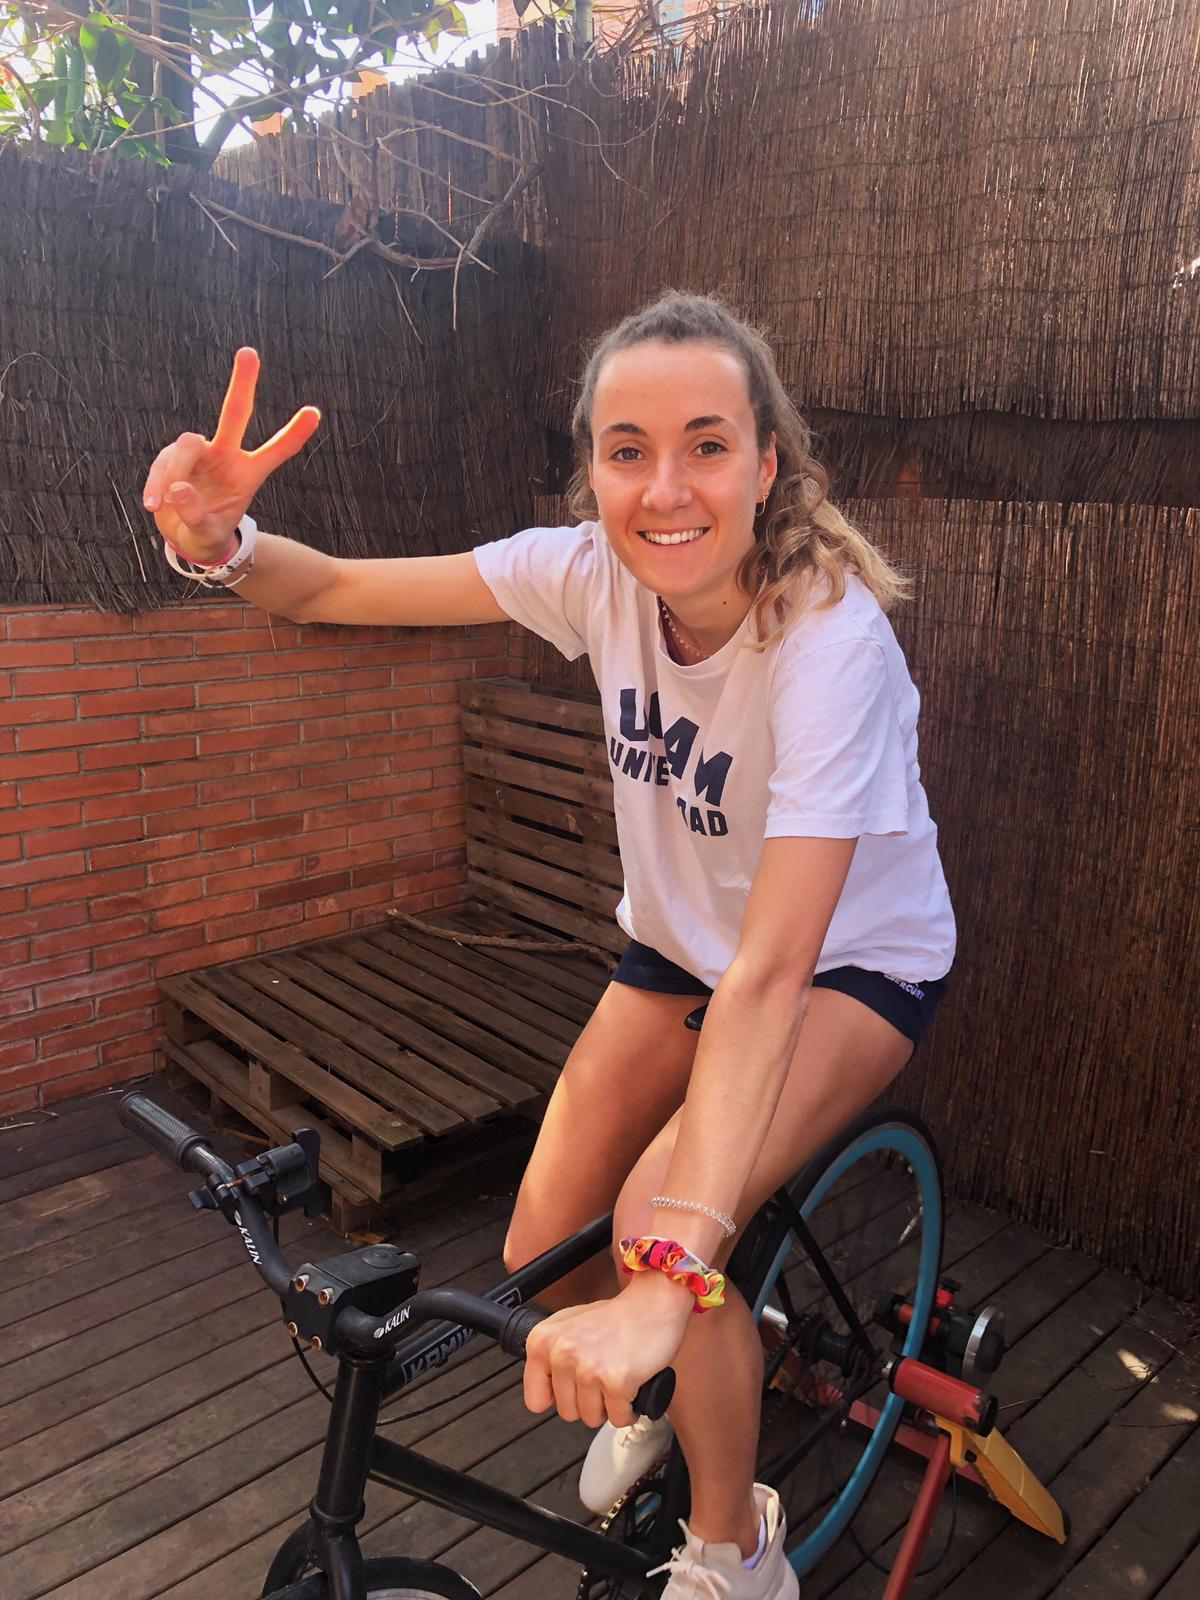 Mariona Serrahima, del Junior FC d'hoquei herba, fent bicicleta estàtica. FOTO: Cedida